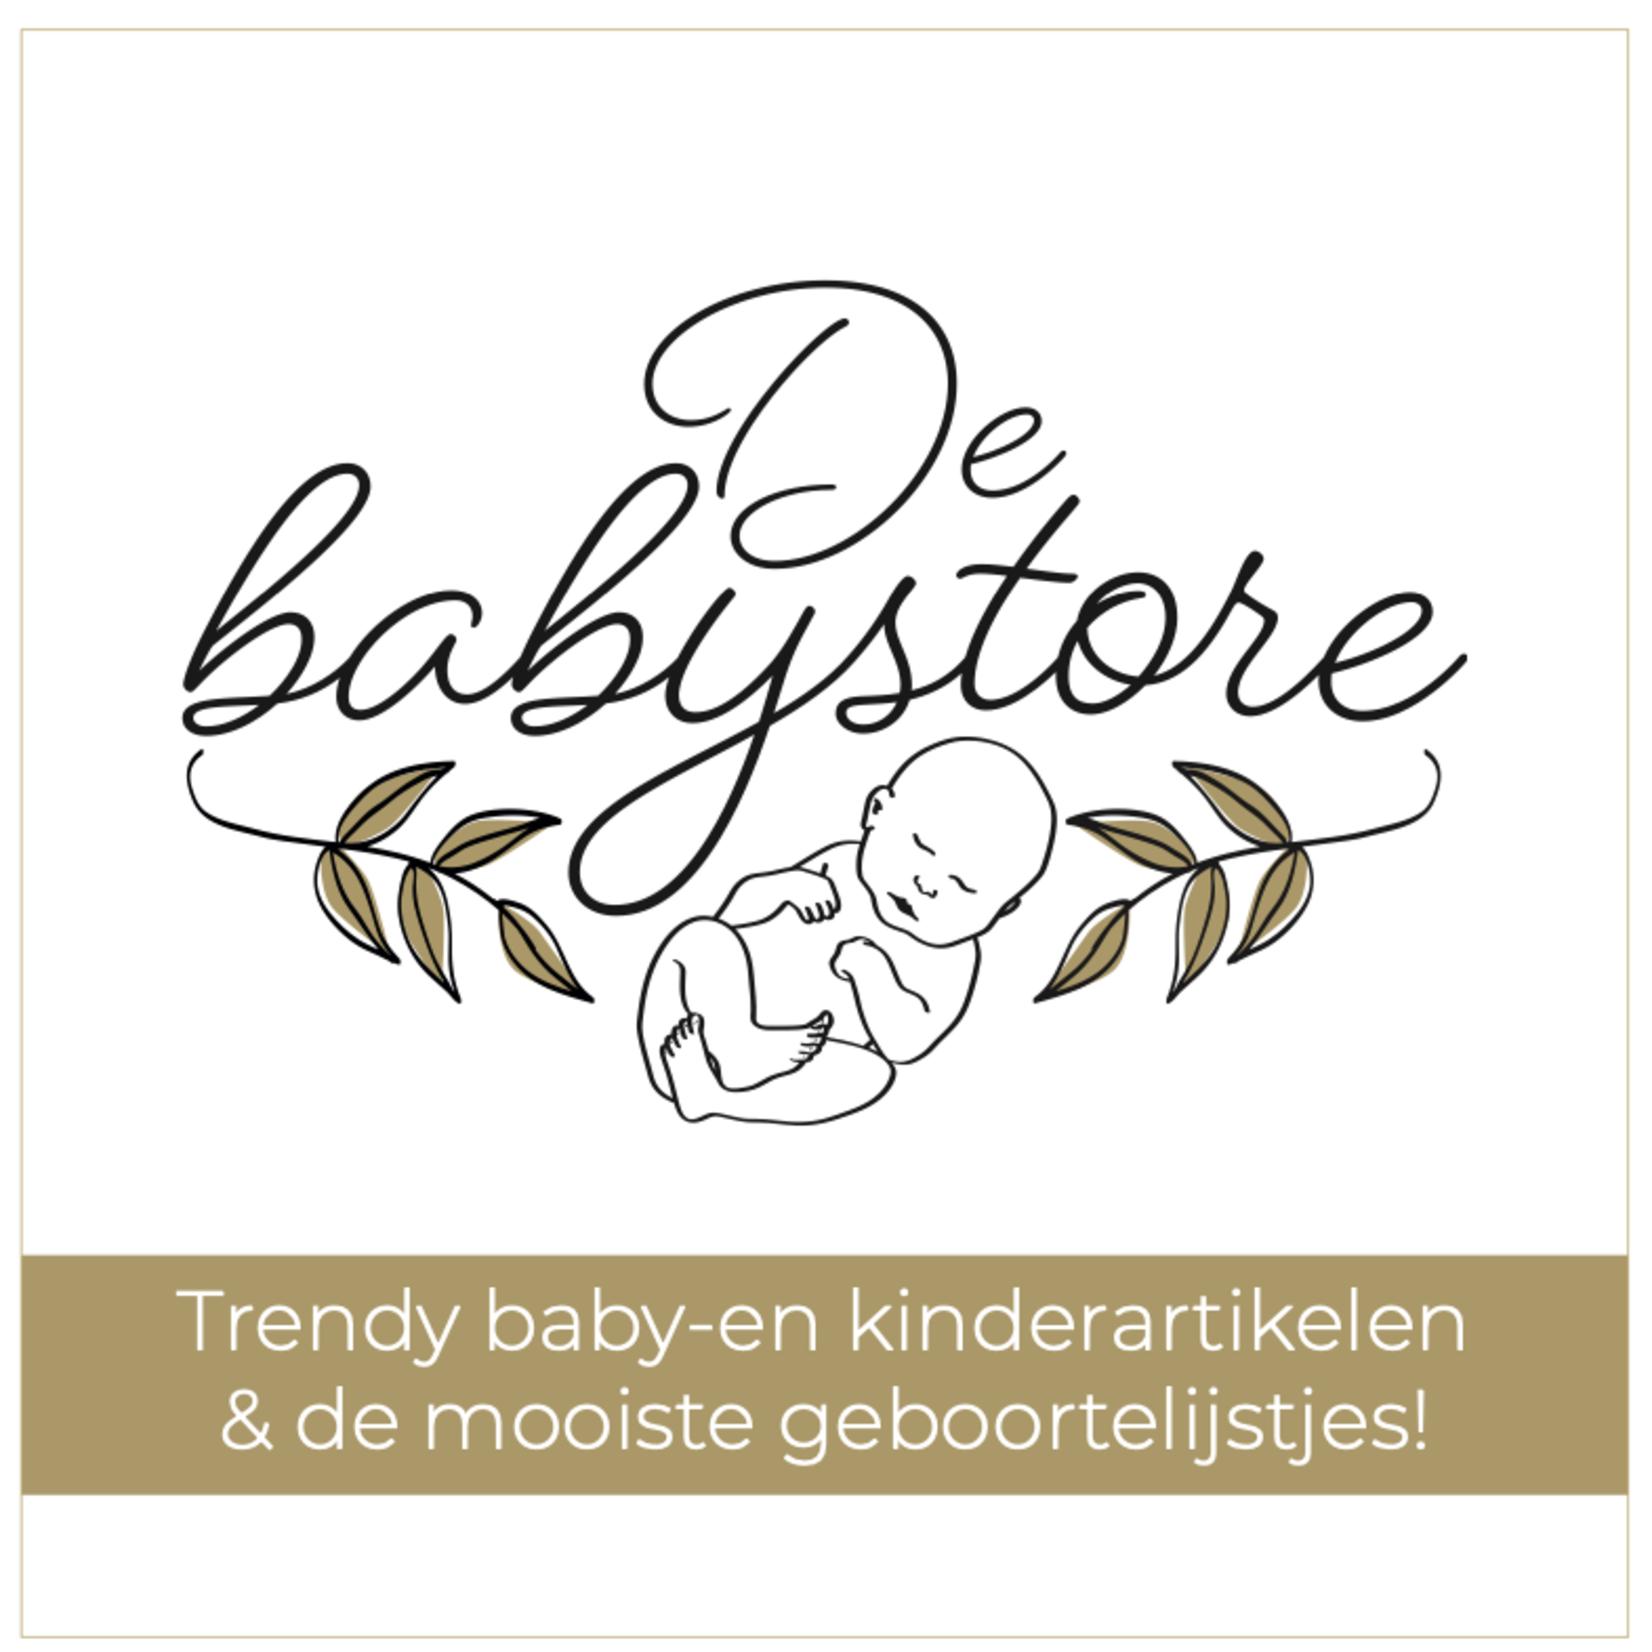 De babystore De babystore Papieren geschenkbon 10 euro